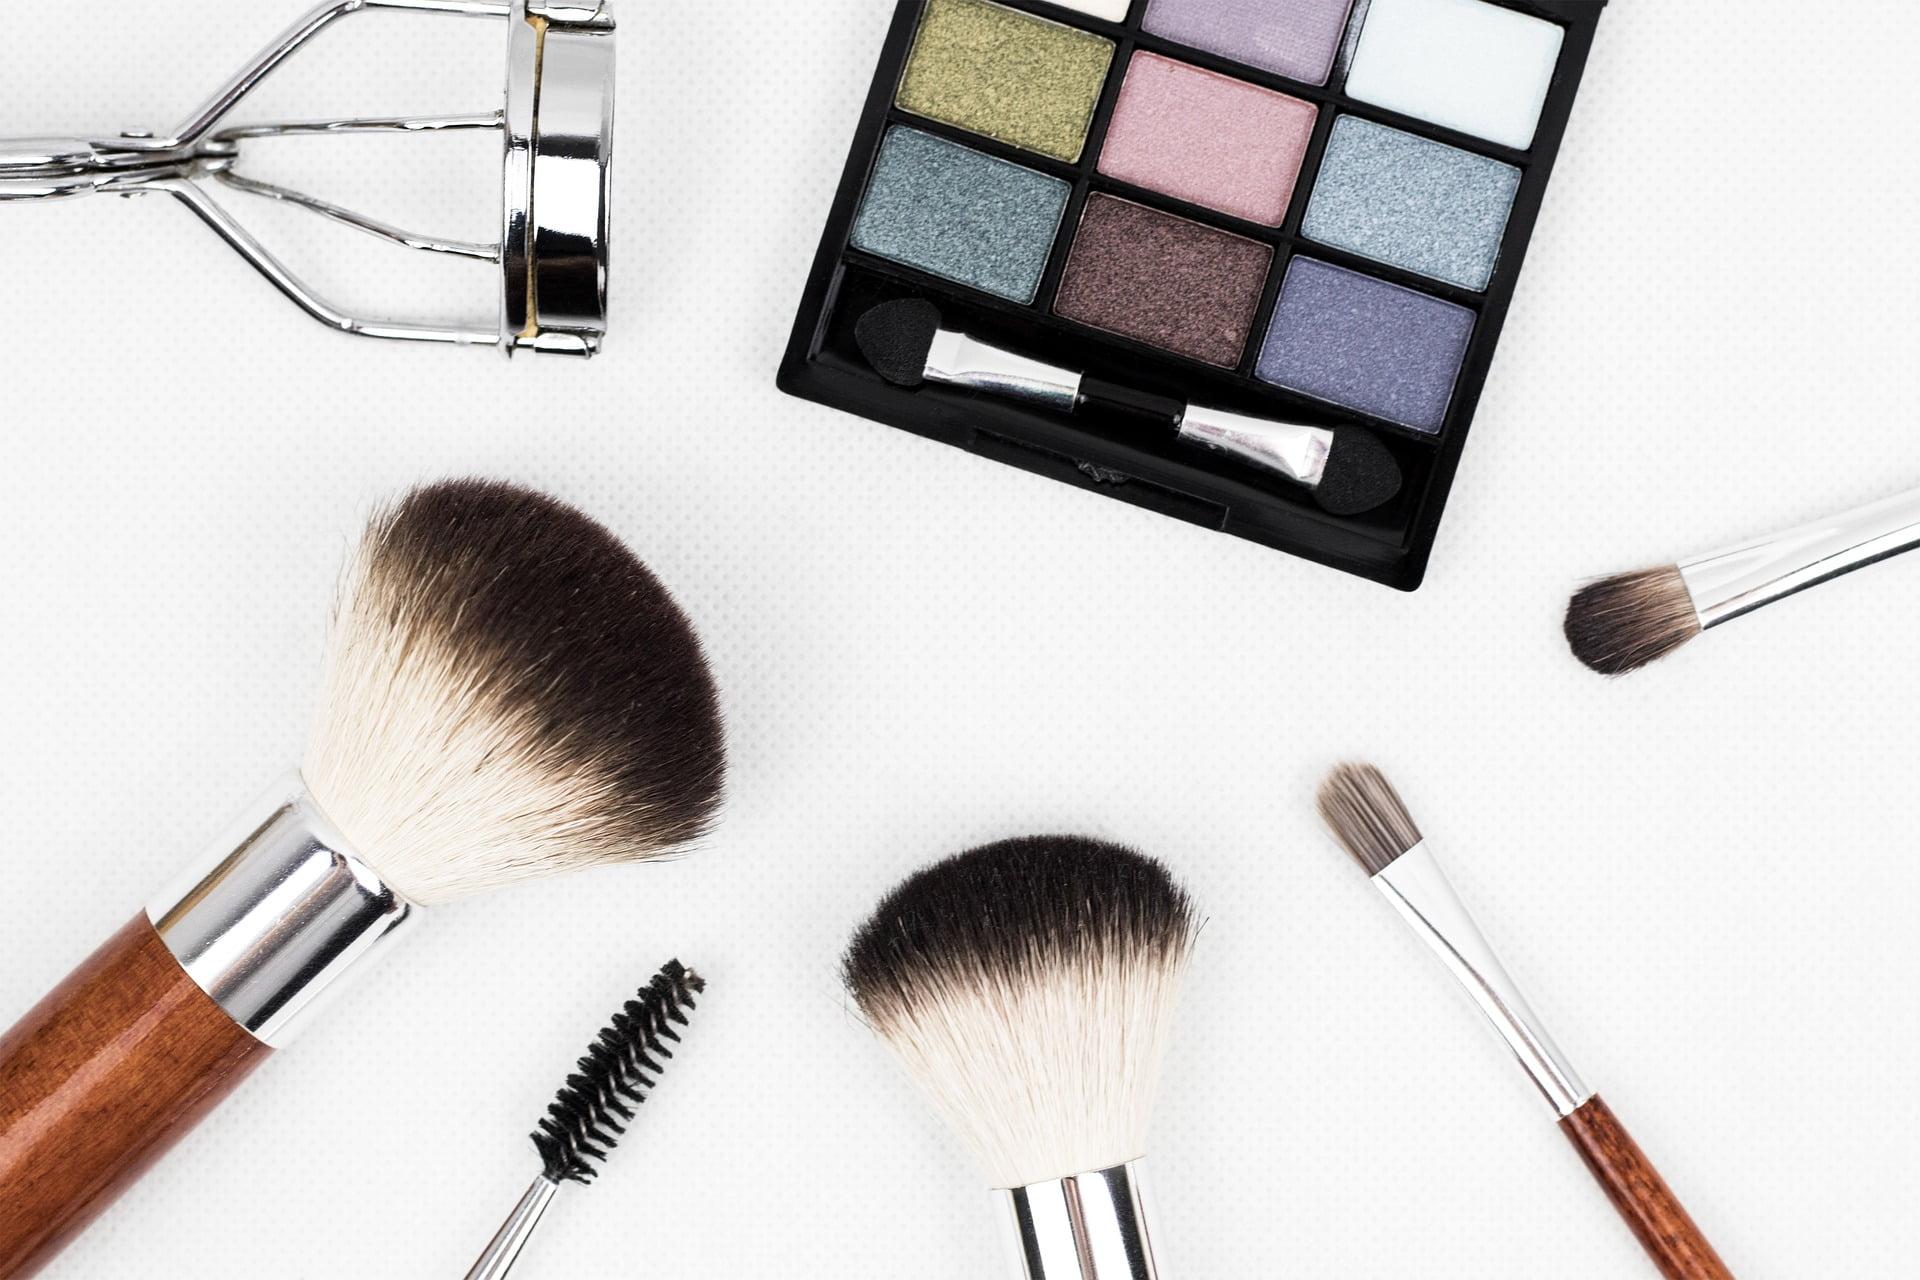 tani makijaż jest możliwy?